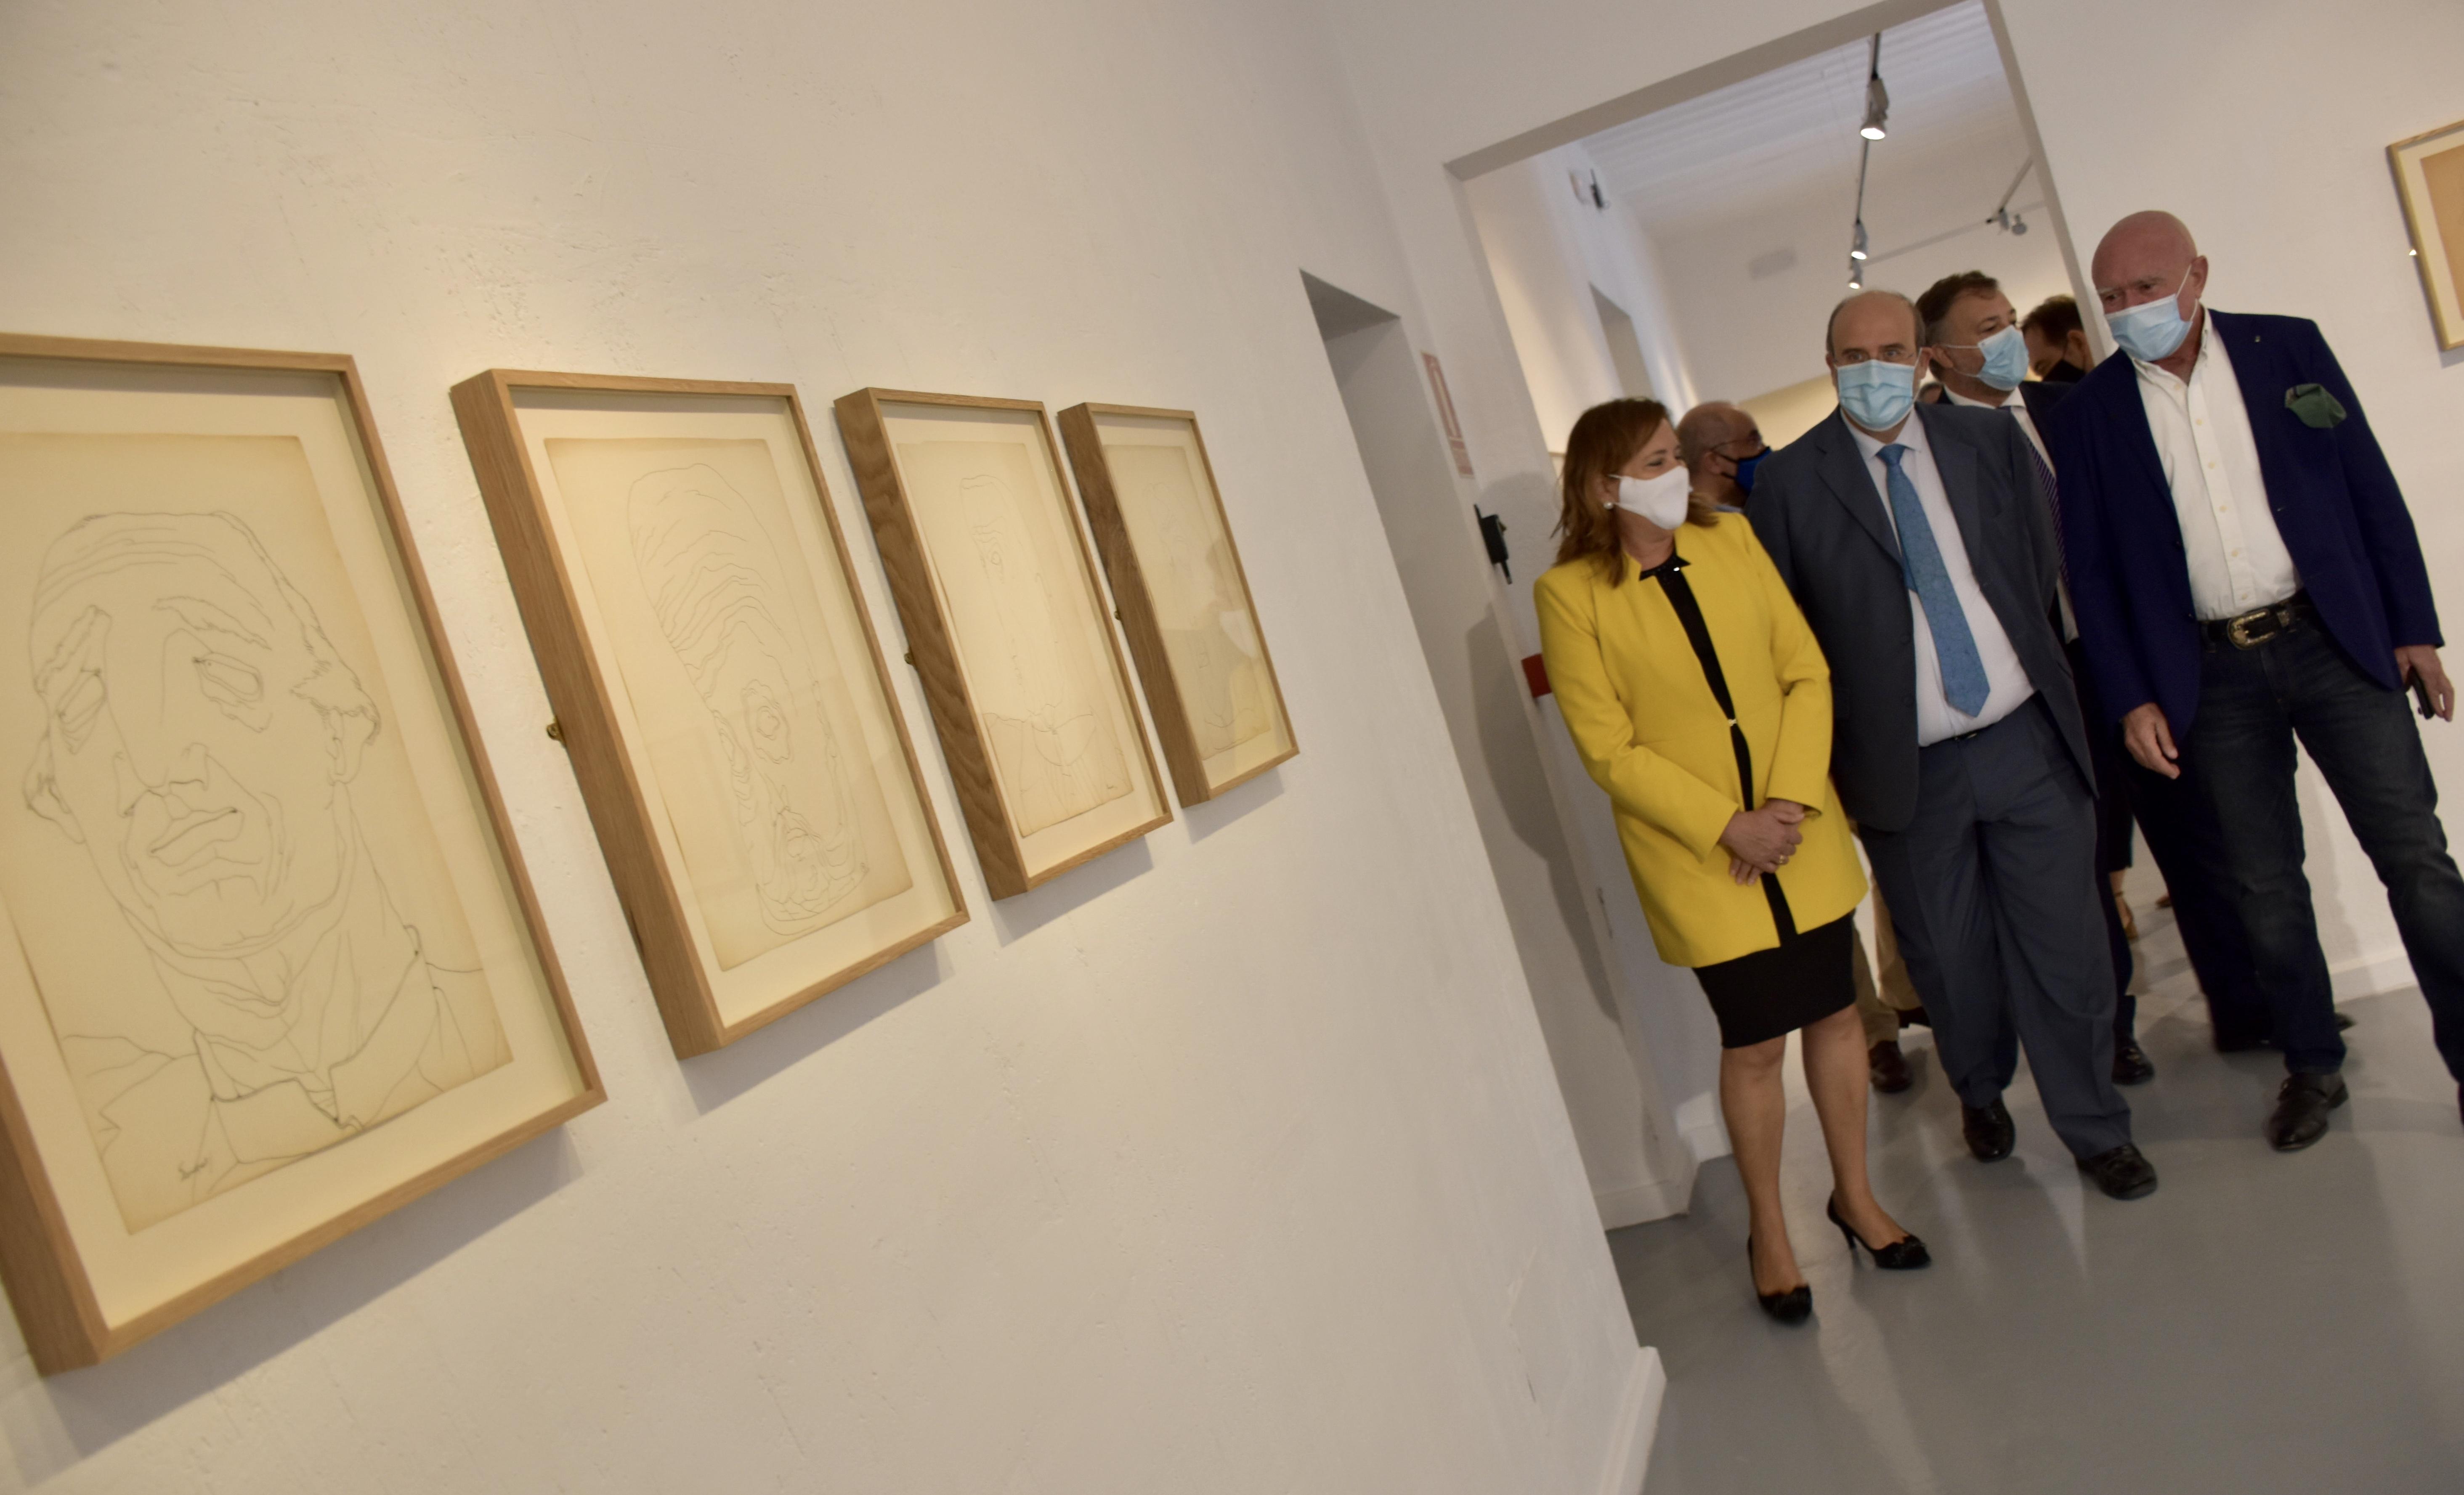 El vicepresidente de Castilla-La Mancha, José Luis Martínez Guijarro, asiste a la inauguración de la exposición  'Retratos imaginarios' de Pierre-Louis Flouquet